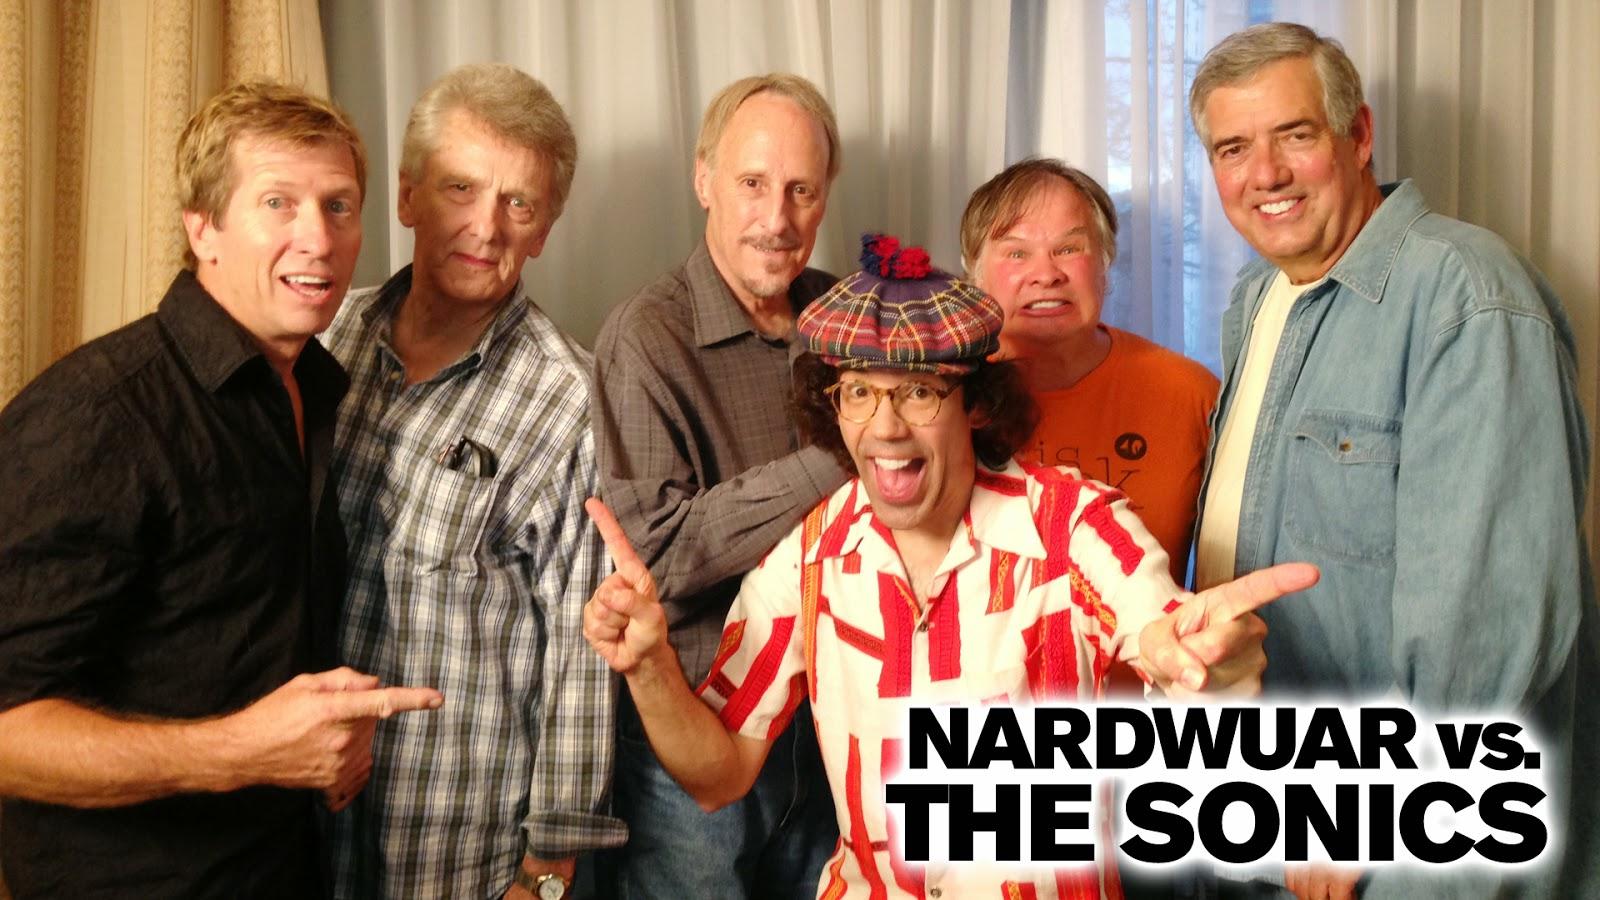 Nardwuar vs. The Sonics